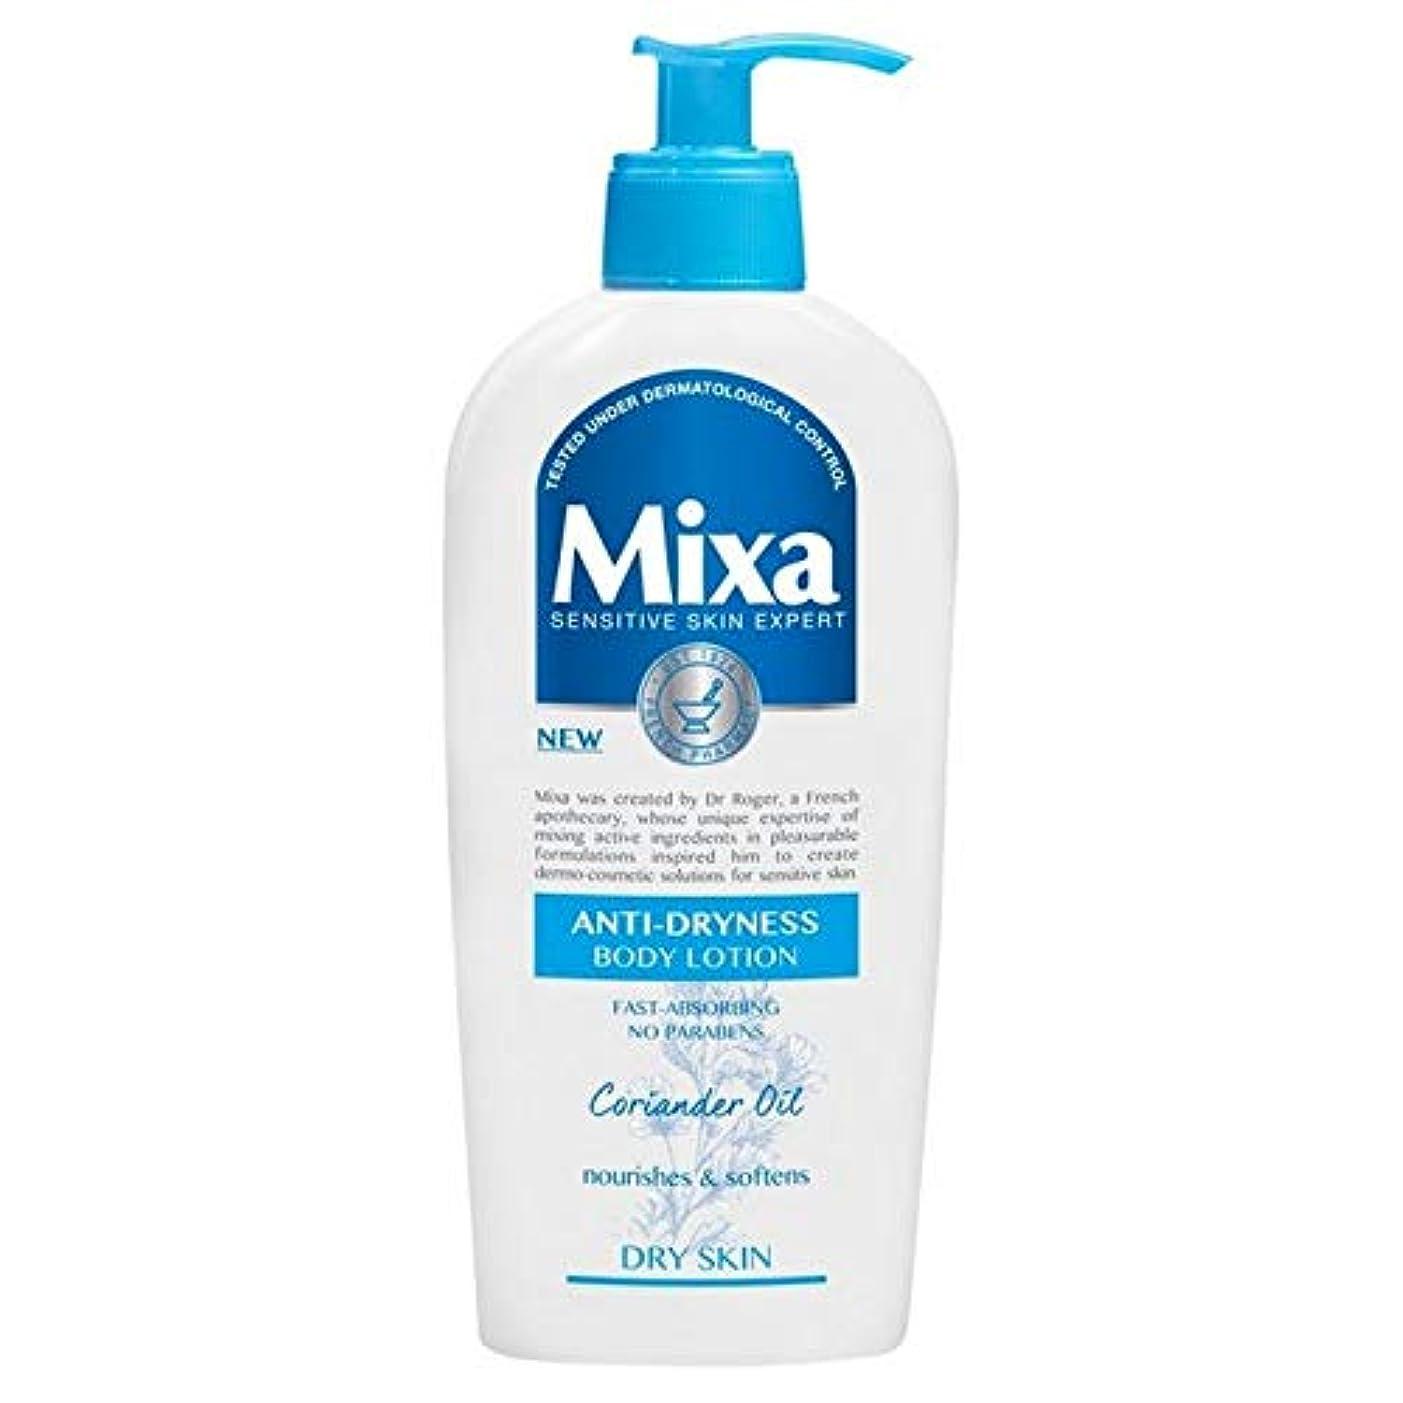 幸運乞食郊外[Mixa] Mixa抗乾燥ボディローション250ミリリットル - Mixa Anti-Dryness Body Lotion 250ml [並行輸入品]